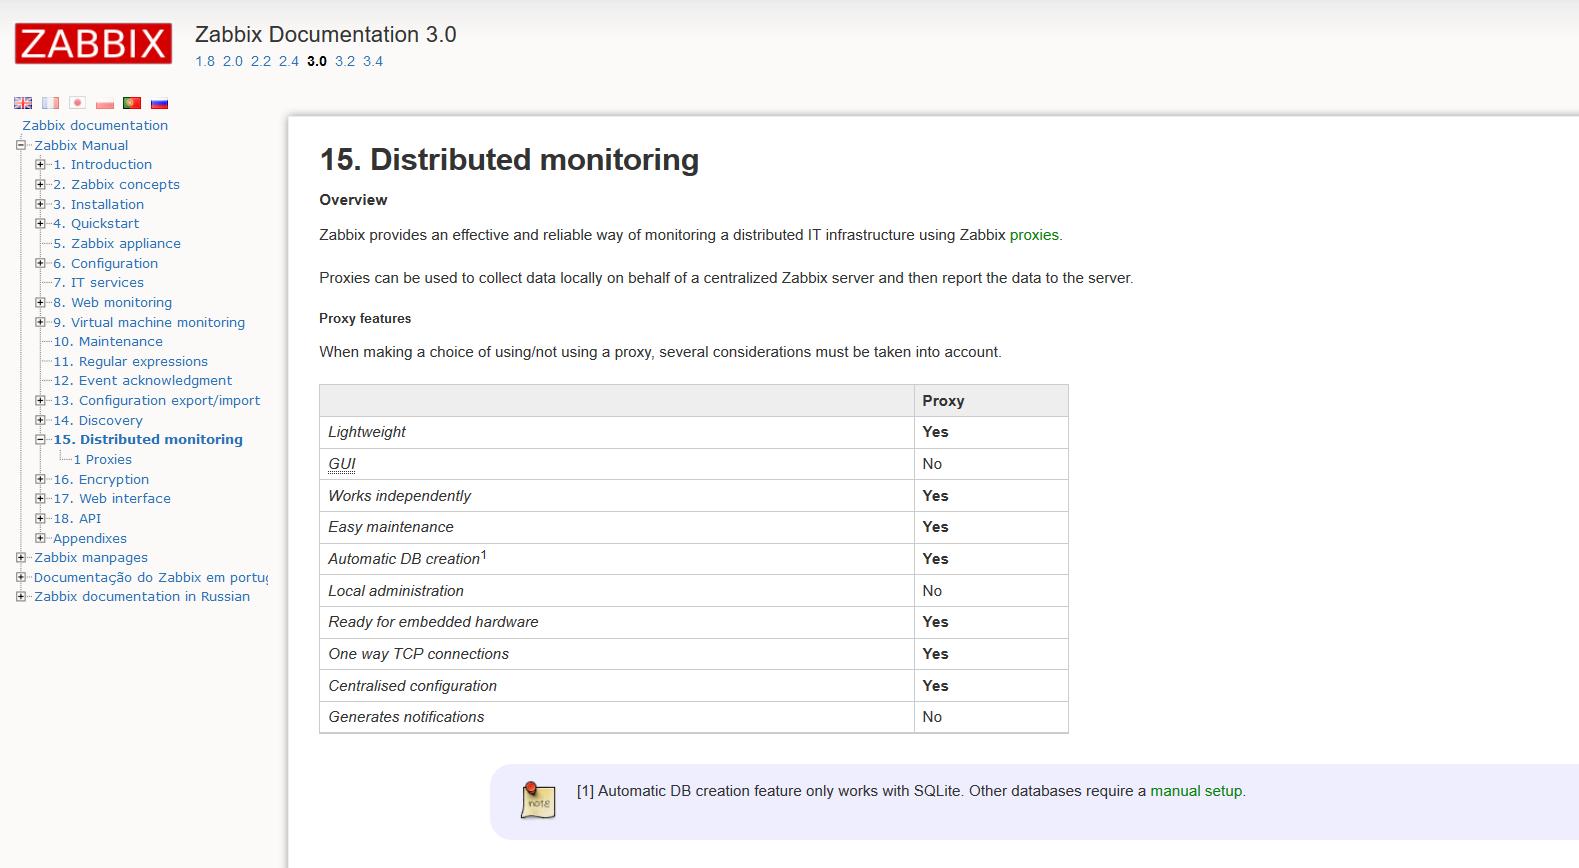 Zabbix 3 0 分布式监控[九] - i4t abcdocker的博客- CSDN博客